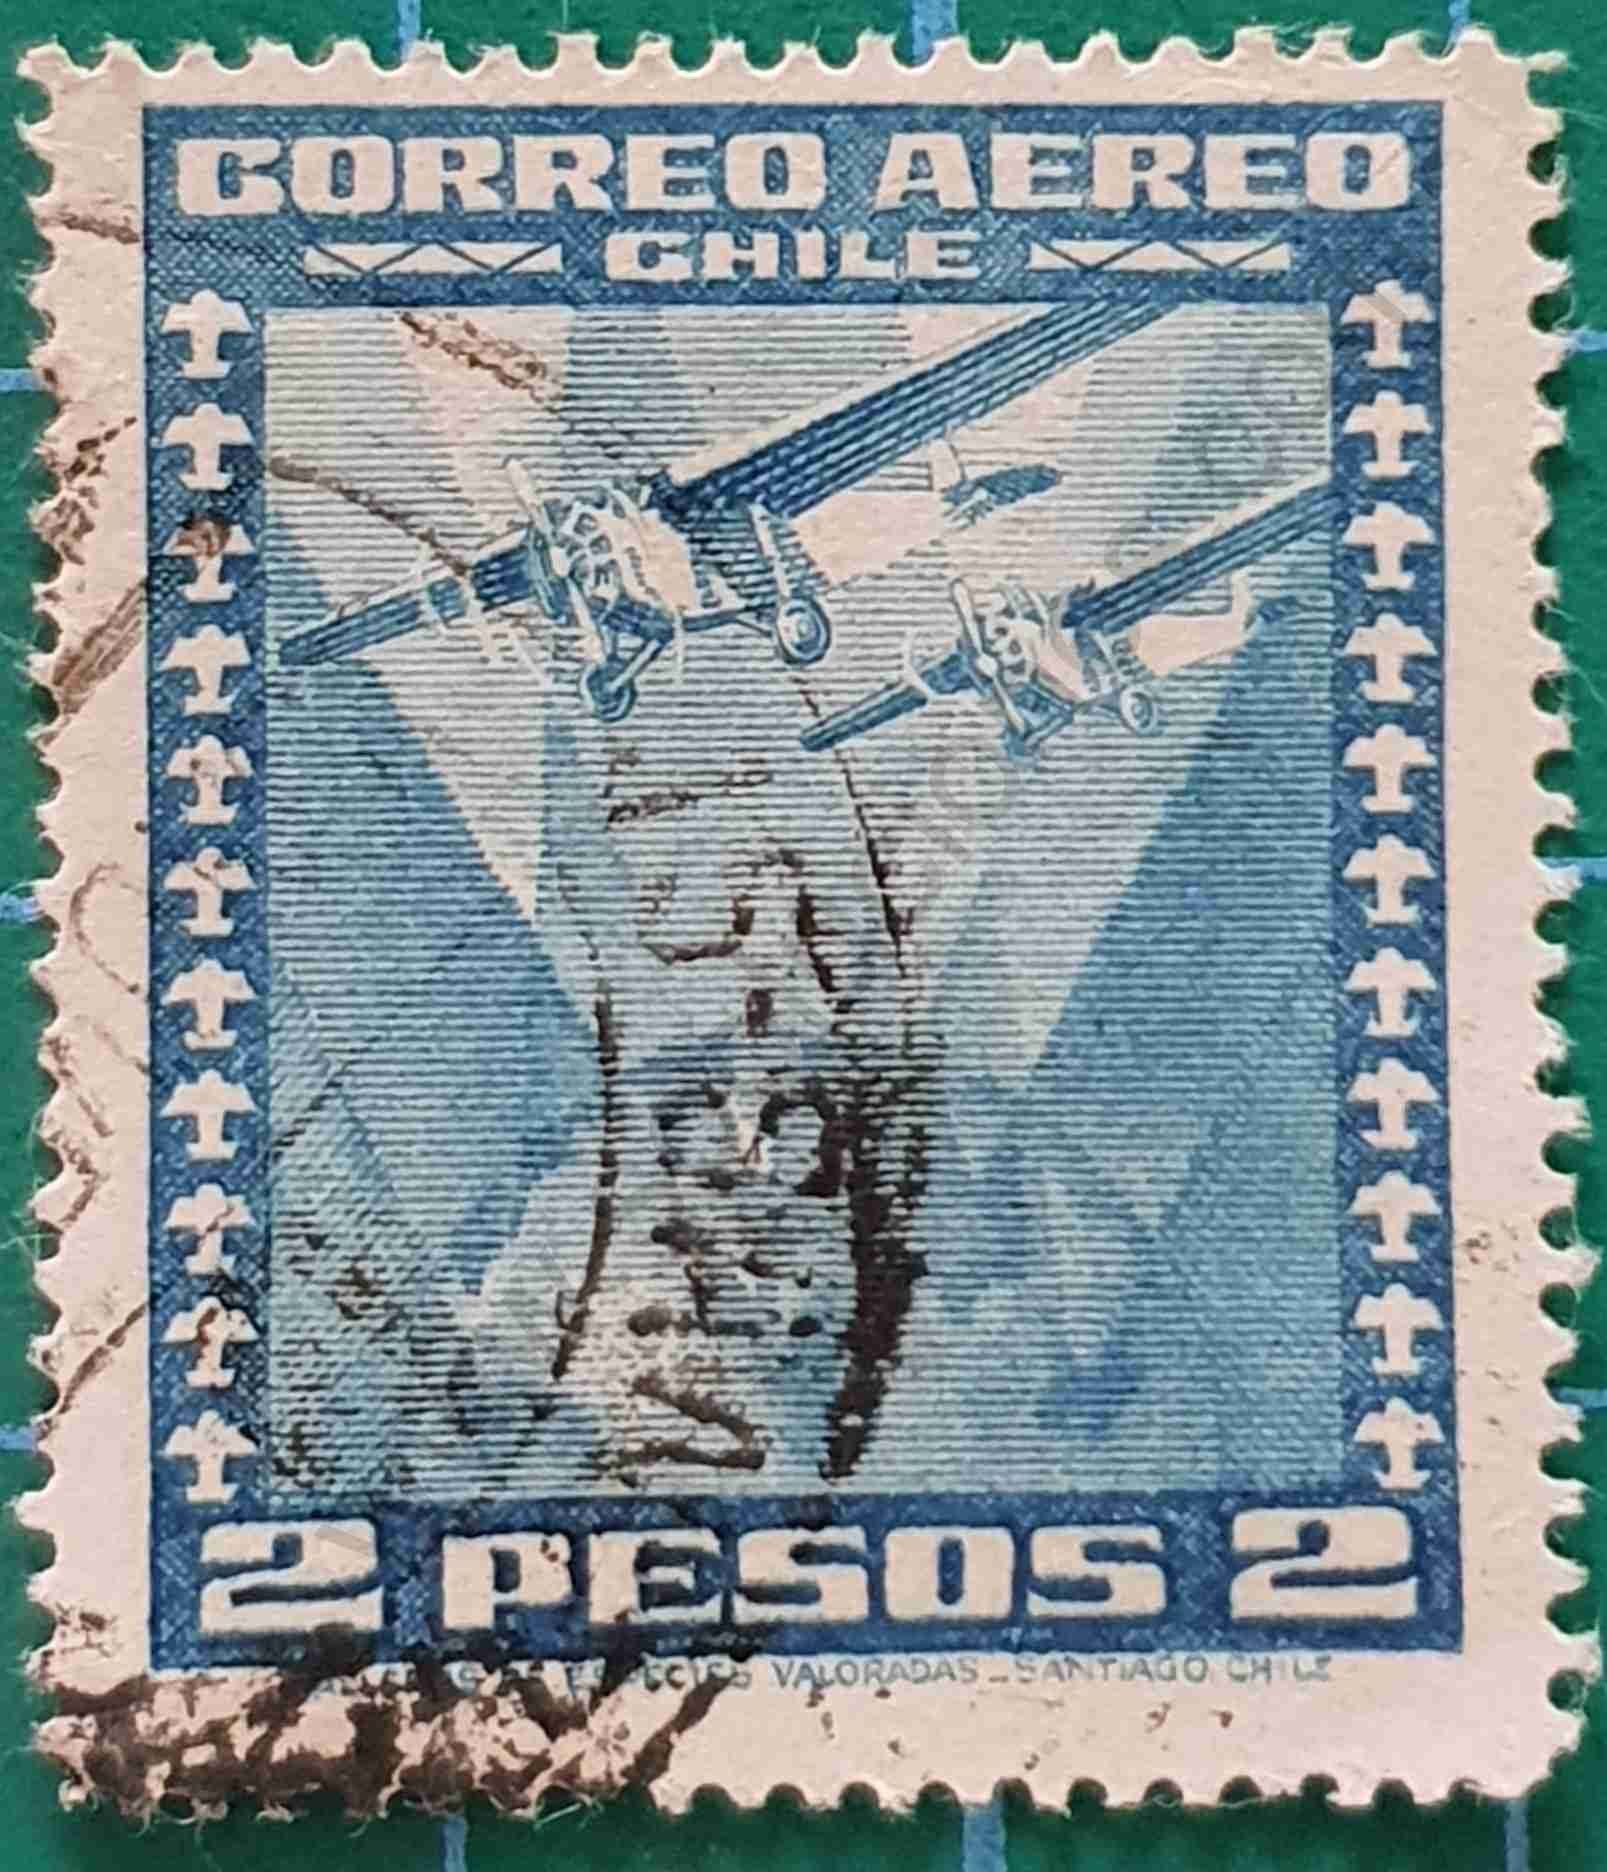 Aviones sobre globo terráqueo - Sello Chile 1944